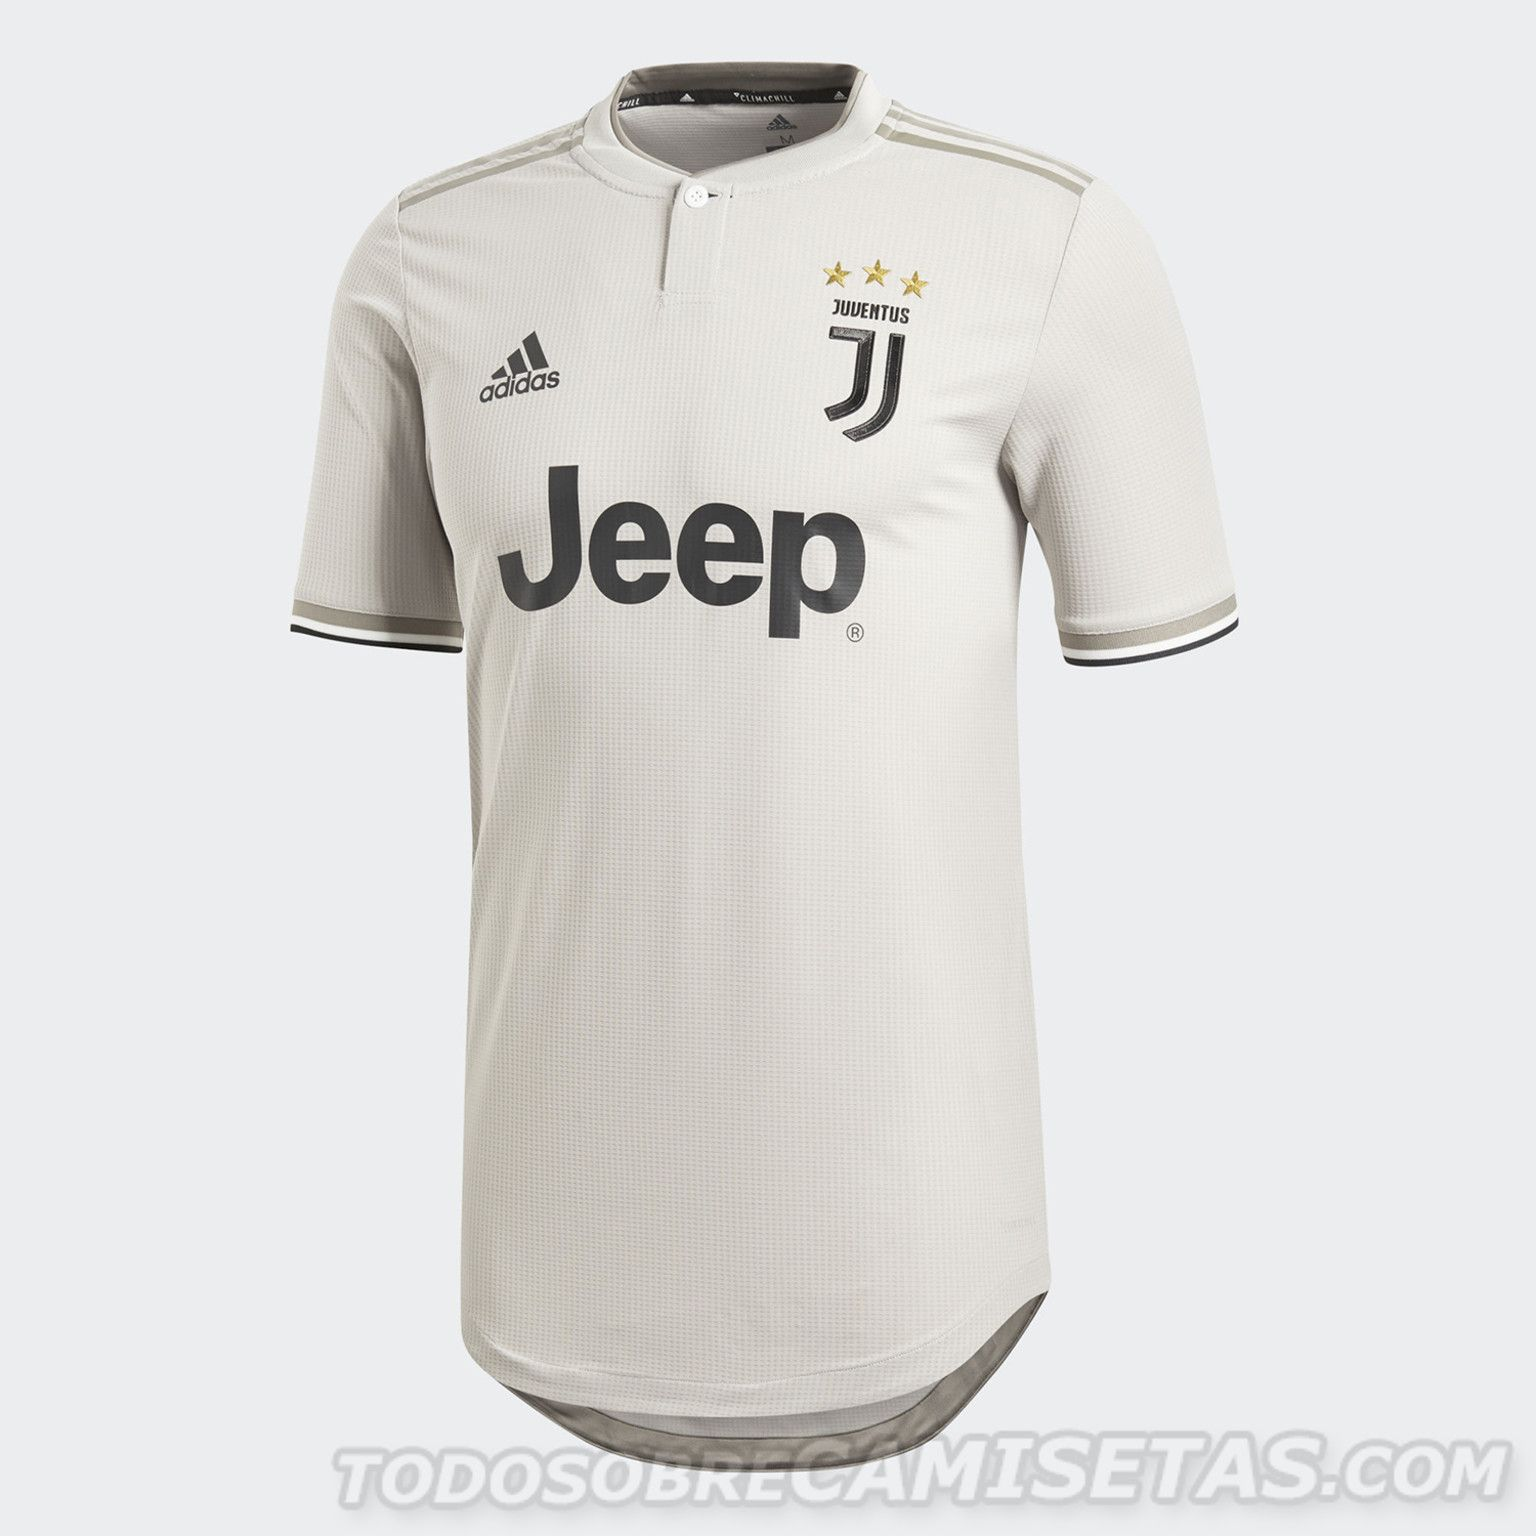 Juventus FC adidas Away Kit 2018-19  fda9ae022855b